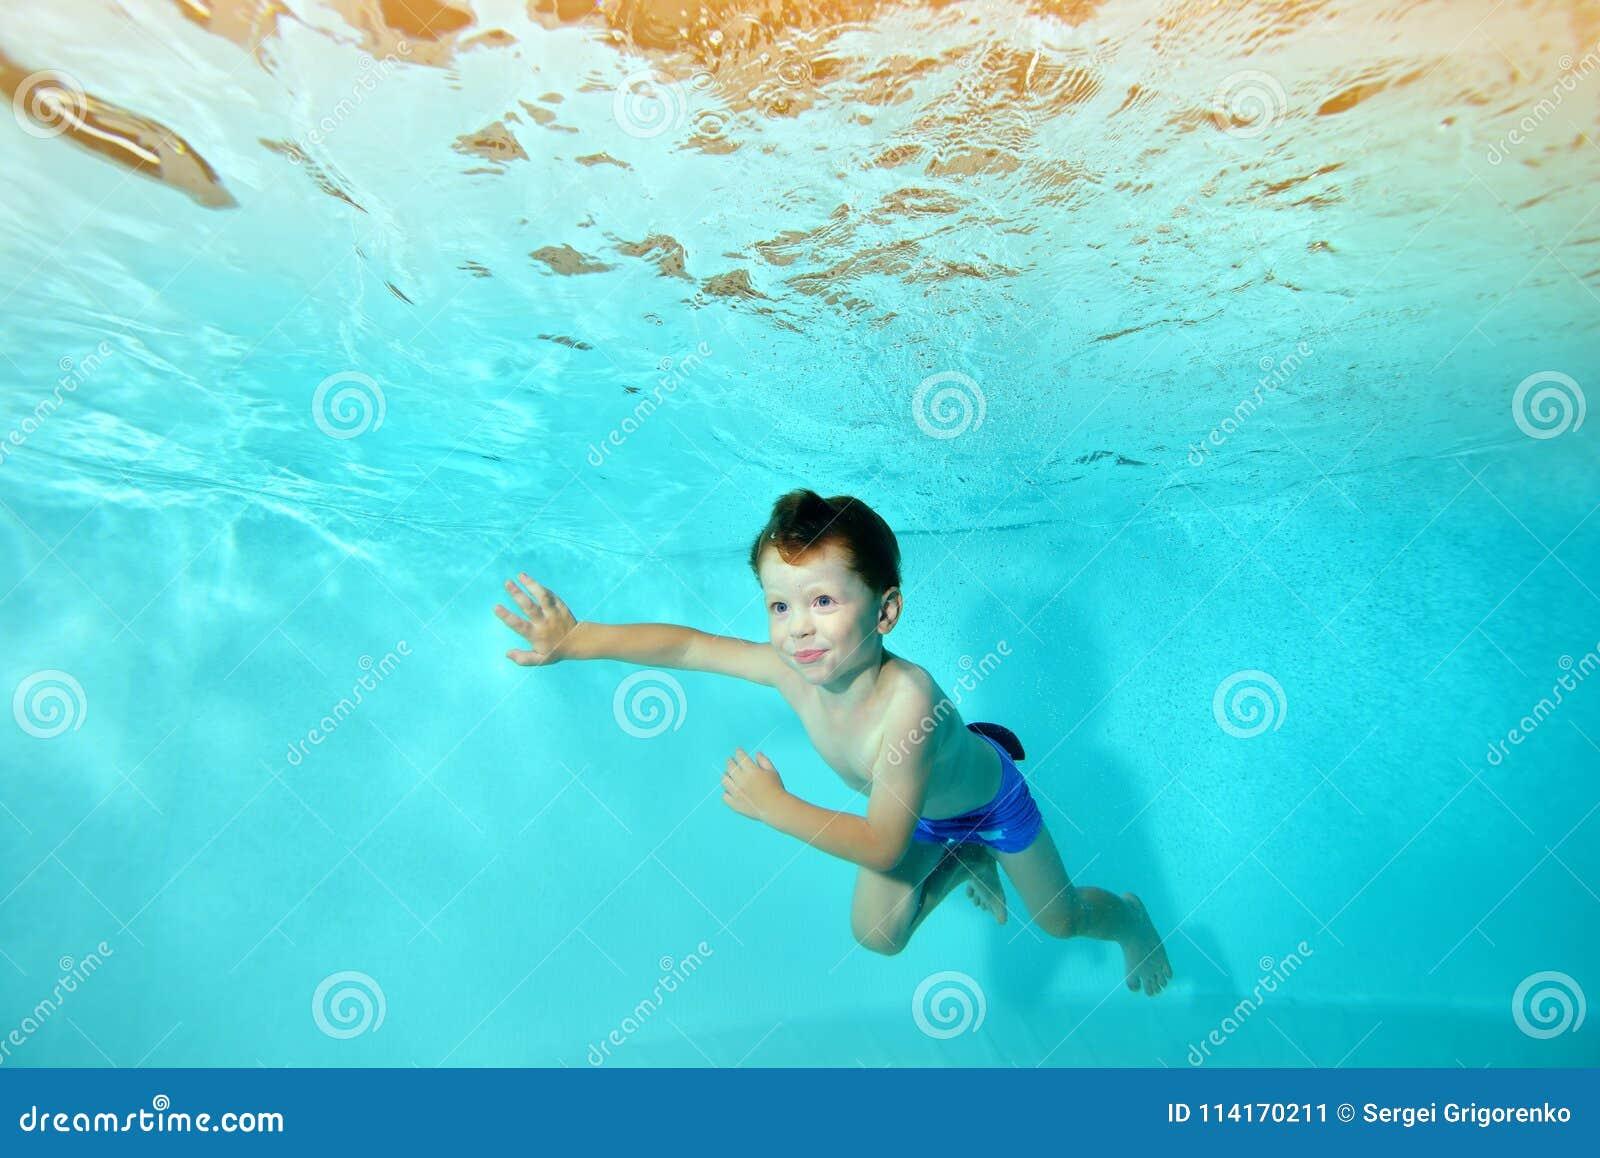 Счастливый мальчик плавает под водой в бассейне против фона ярких светов, смотря отсутствующим и усмехаться